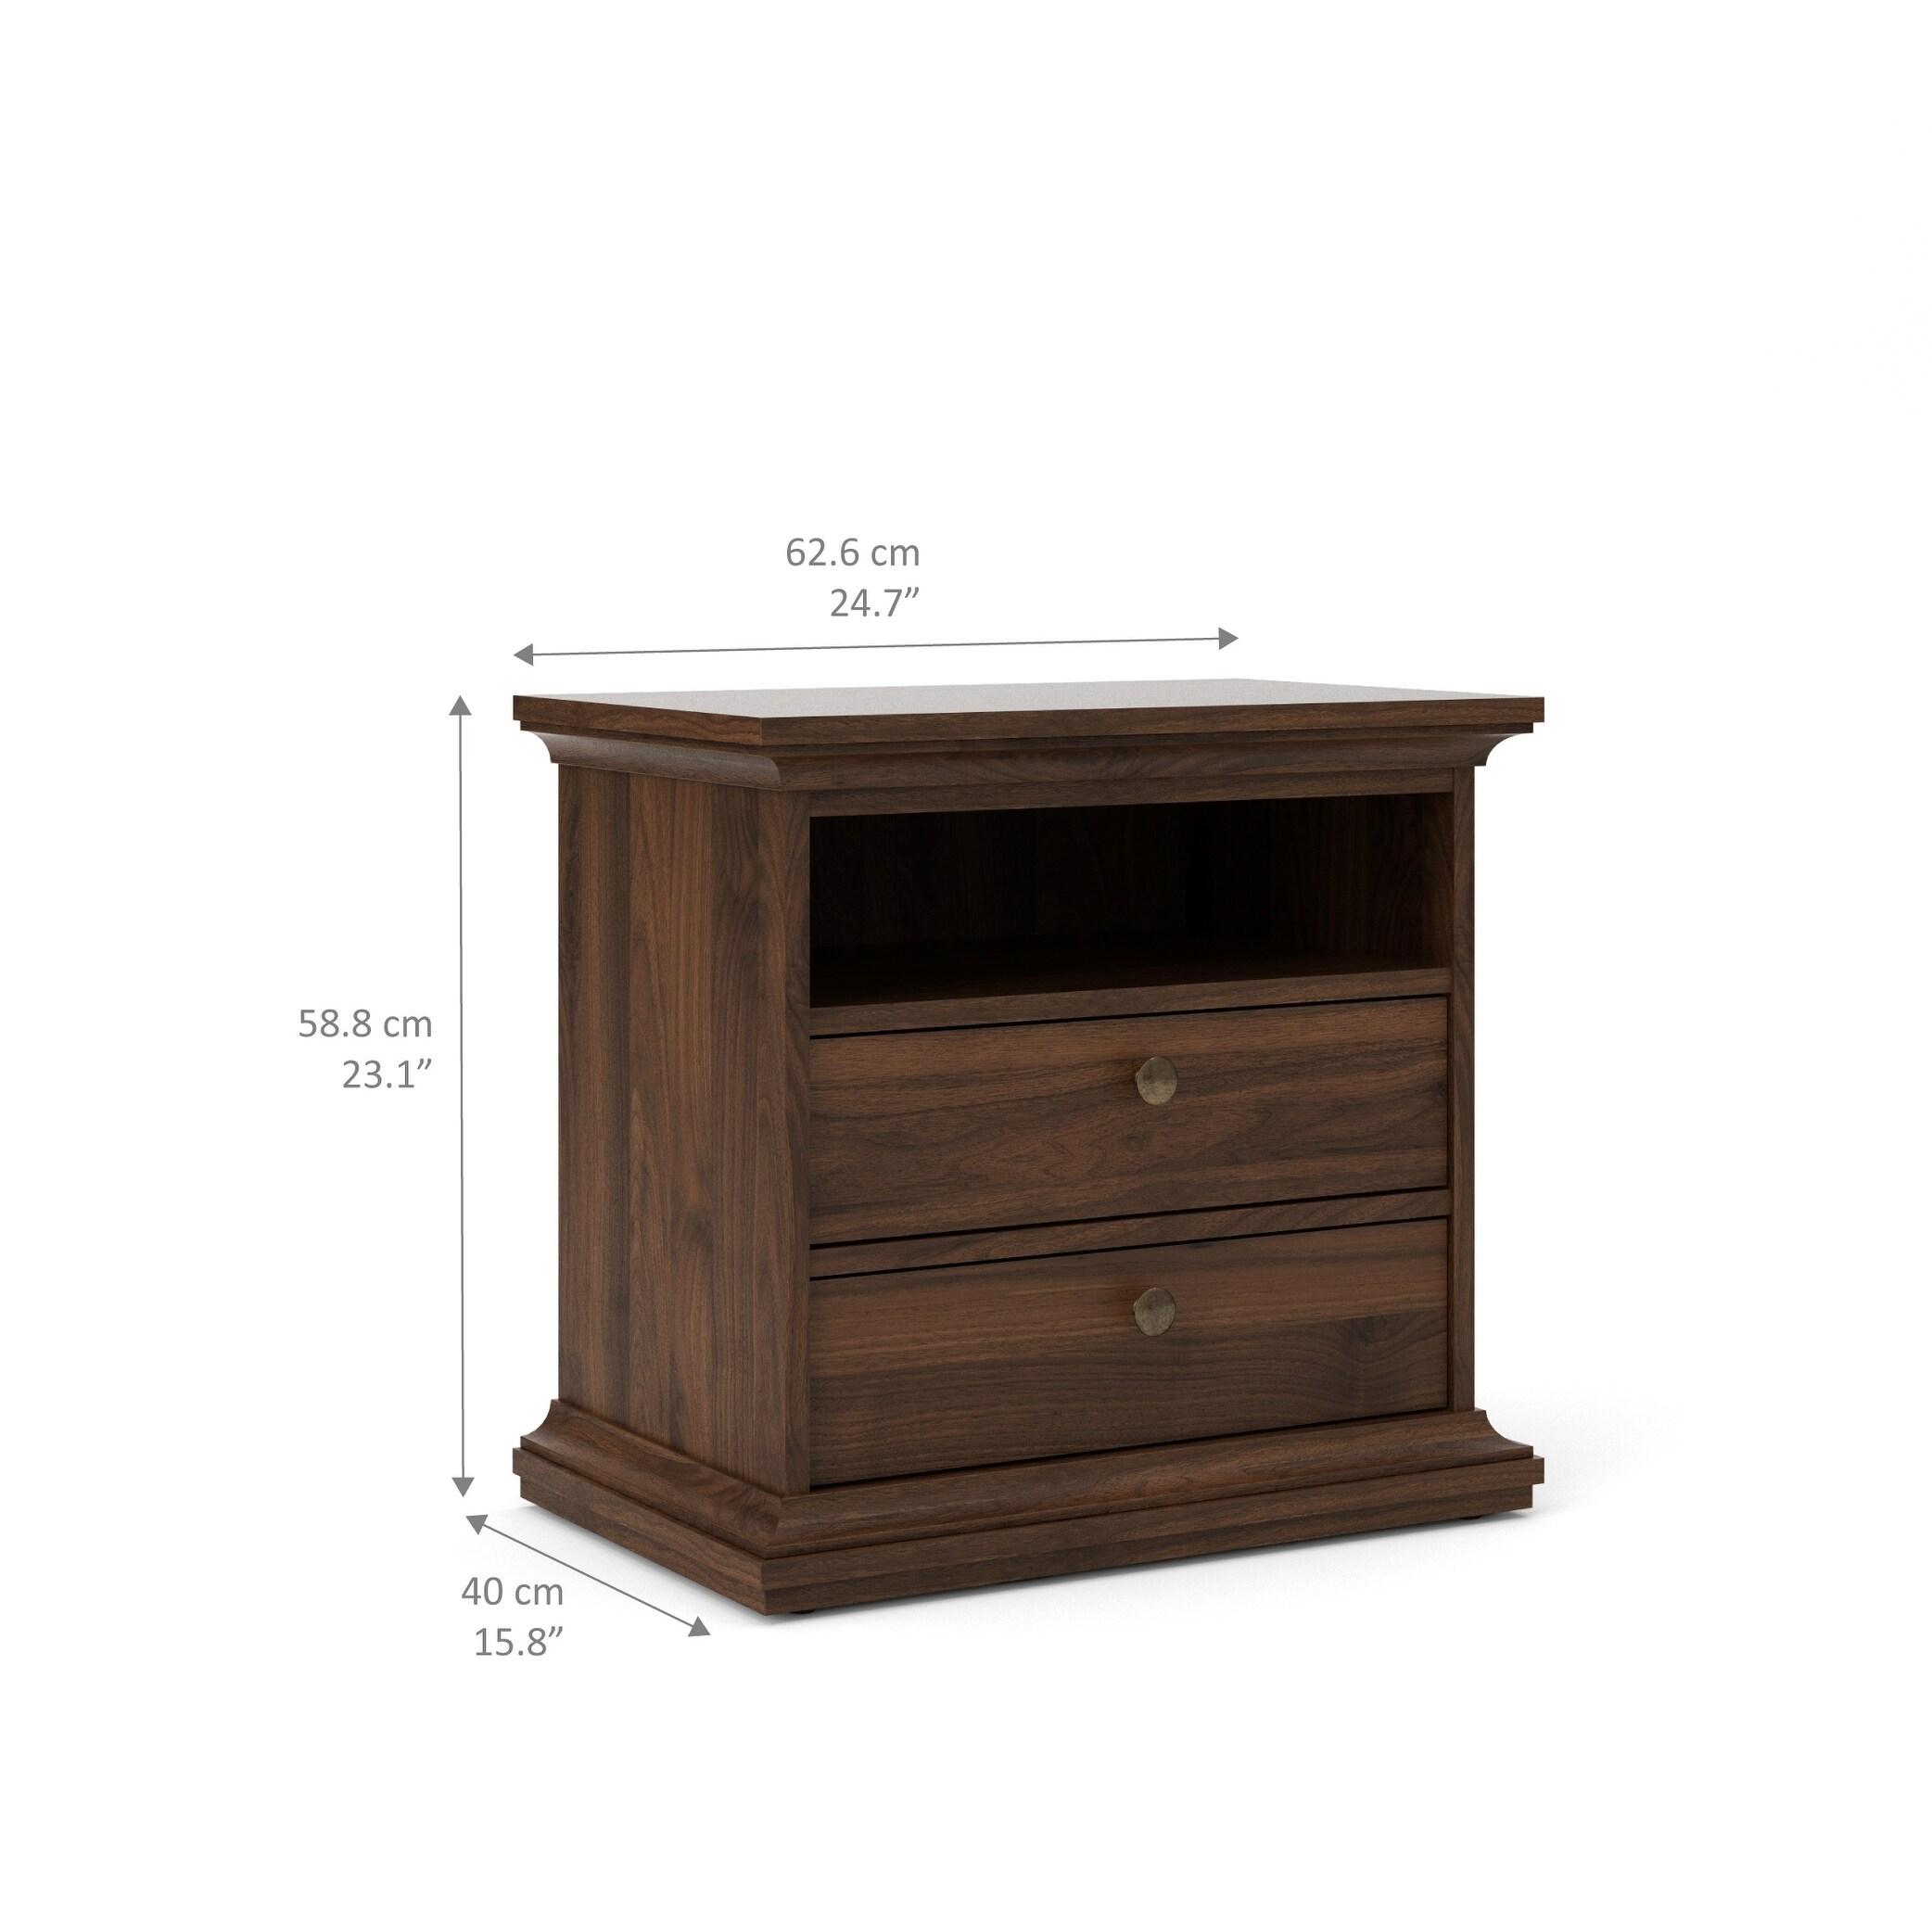 Porch Den Virginia Walnut 2 Drawer And 1 Shelf Nightstand